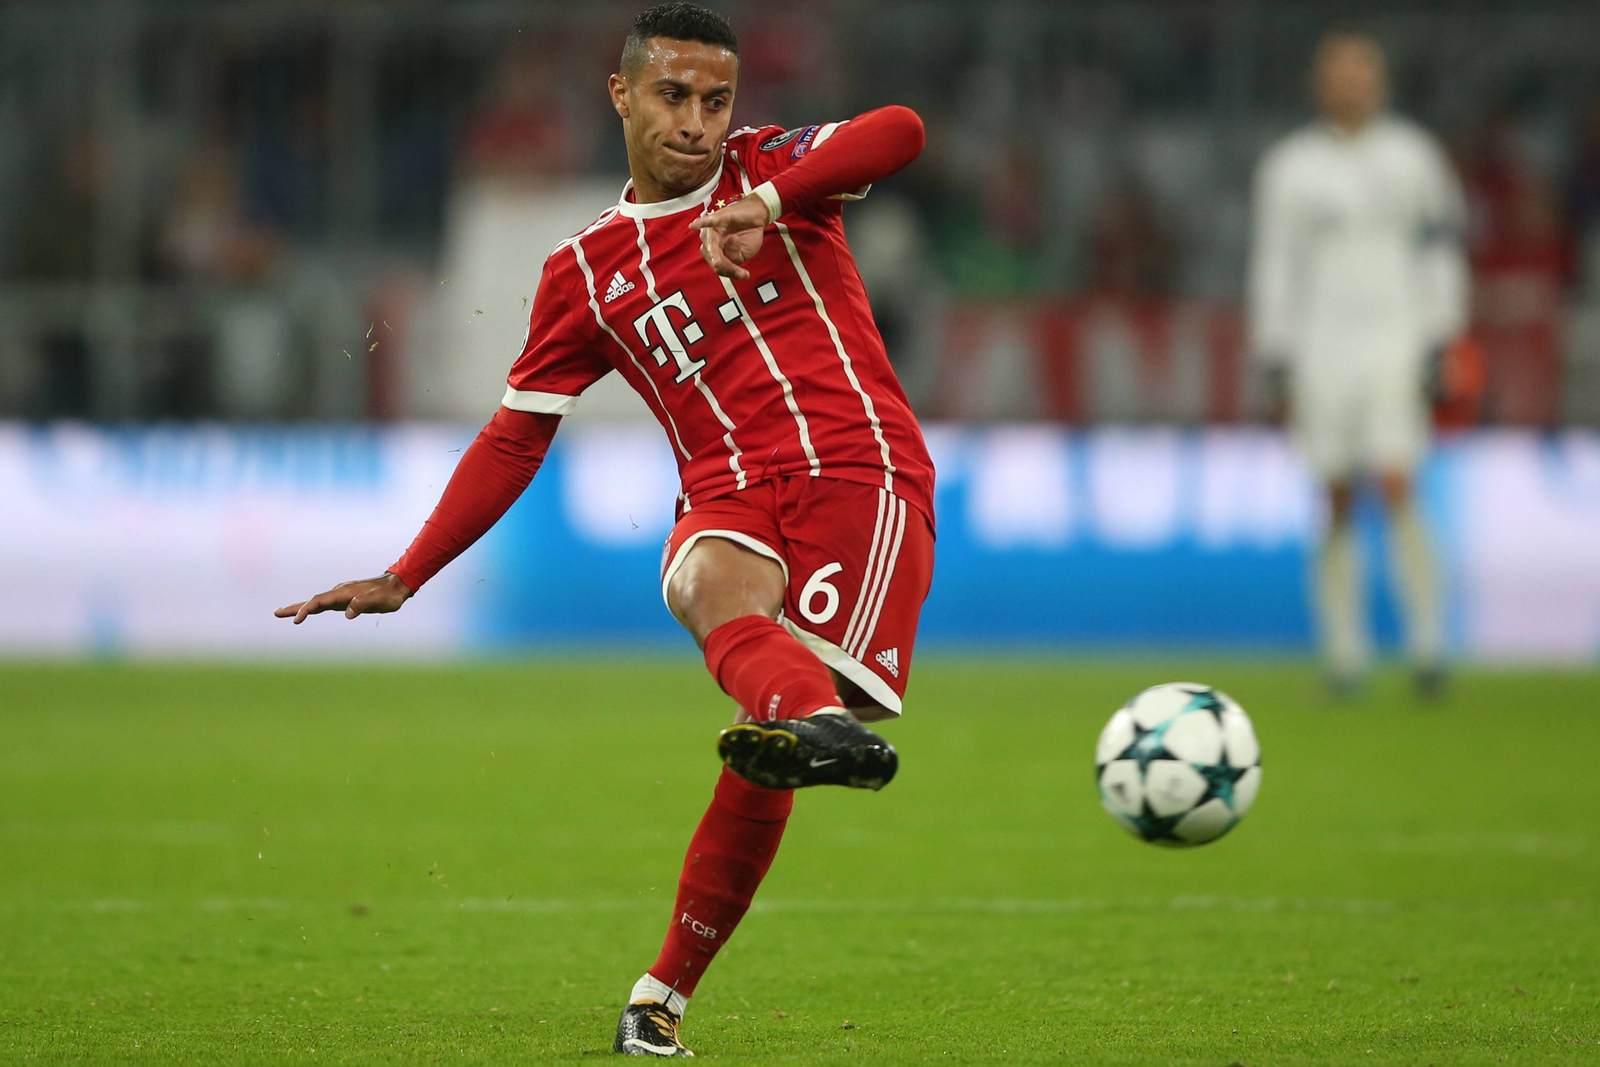 Thiago am Ball für den FC Bayern München. Jetzt auf die Partie Anderlecht gegen Bayern wetten